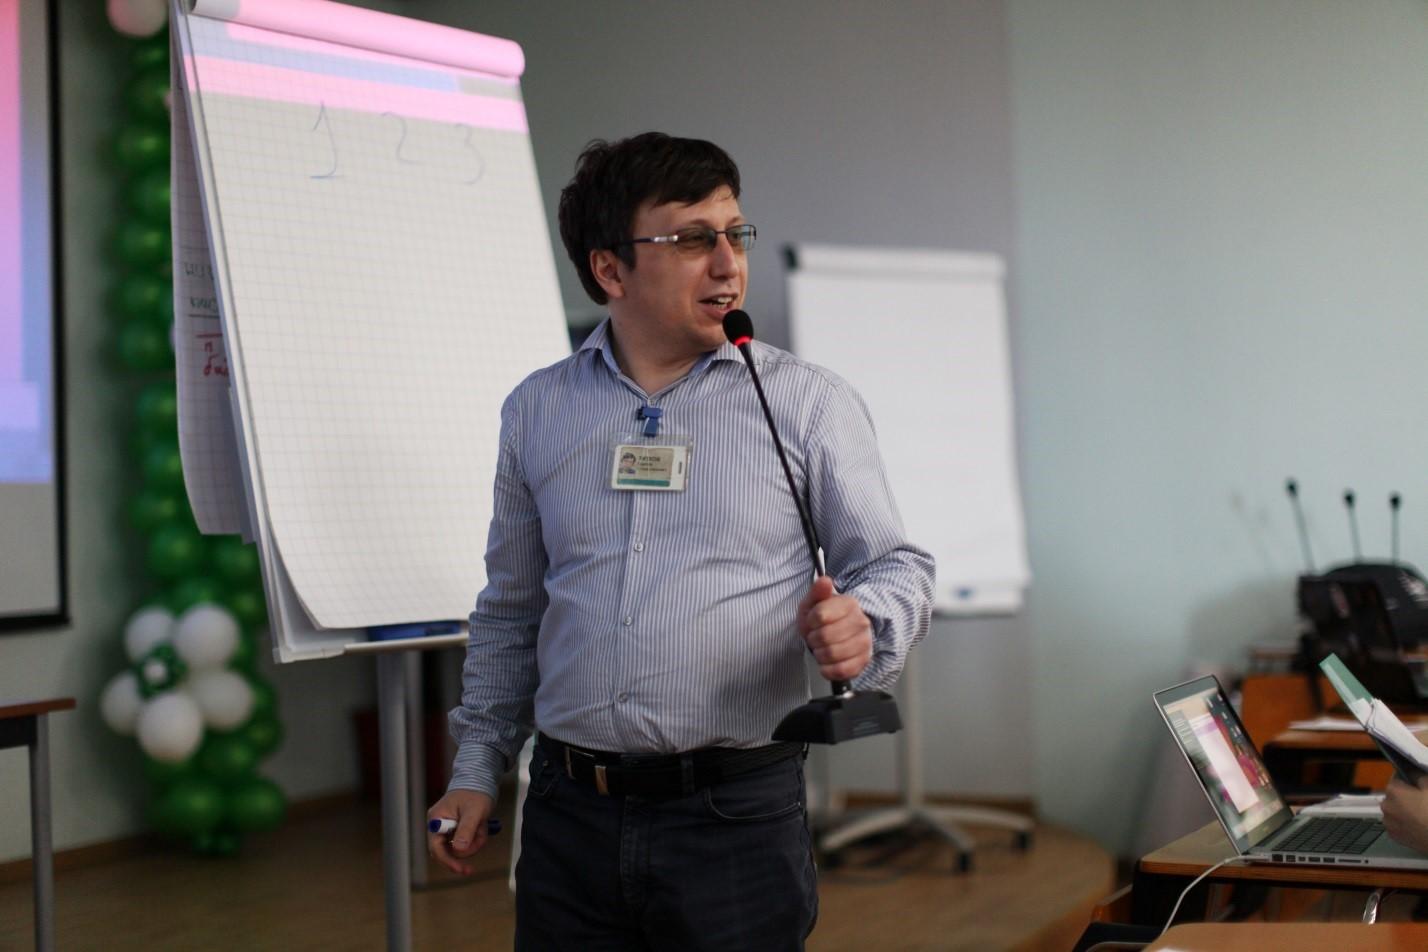 Кузница кадров: как учились тестировщики и закалялись кузнецы - 2